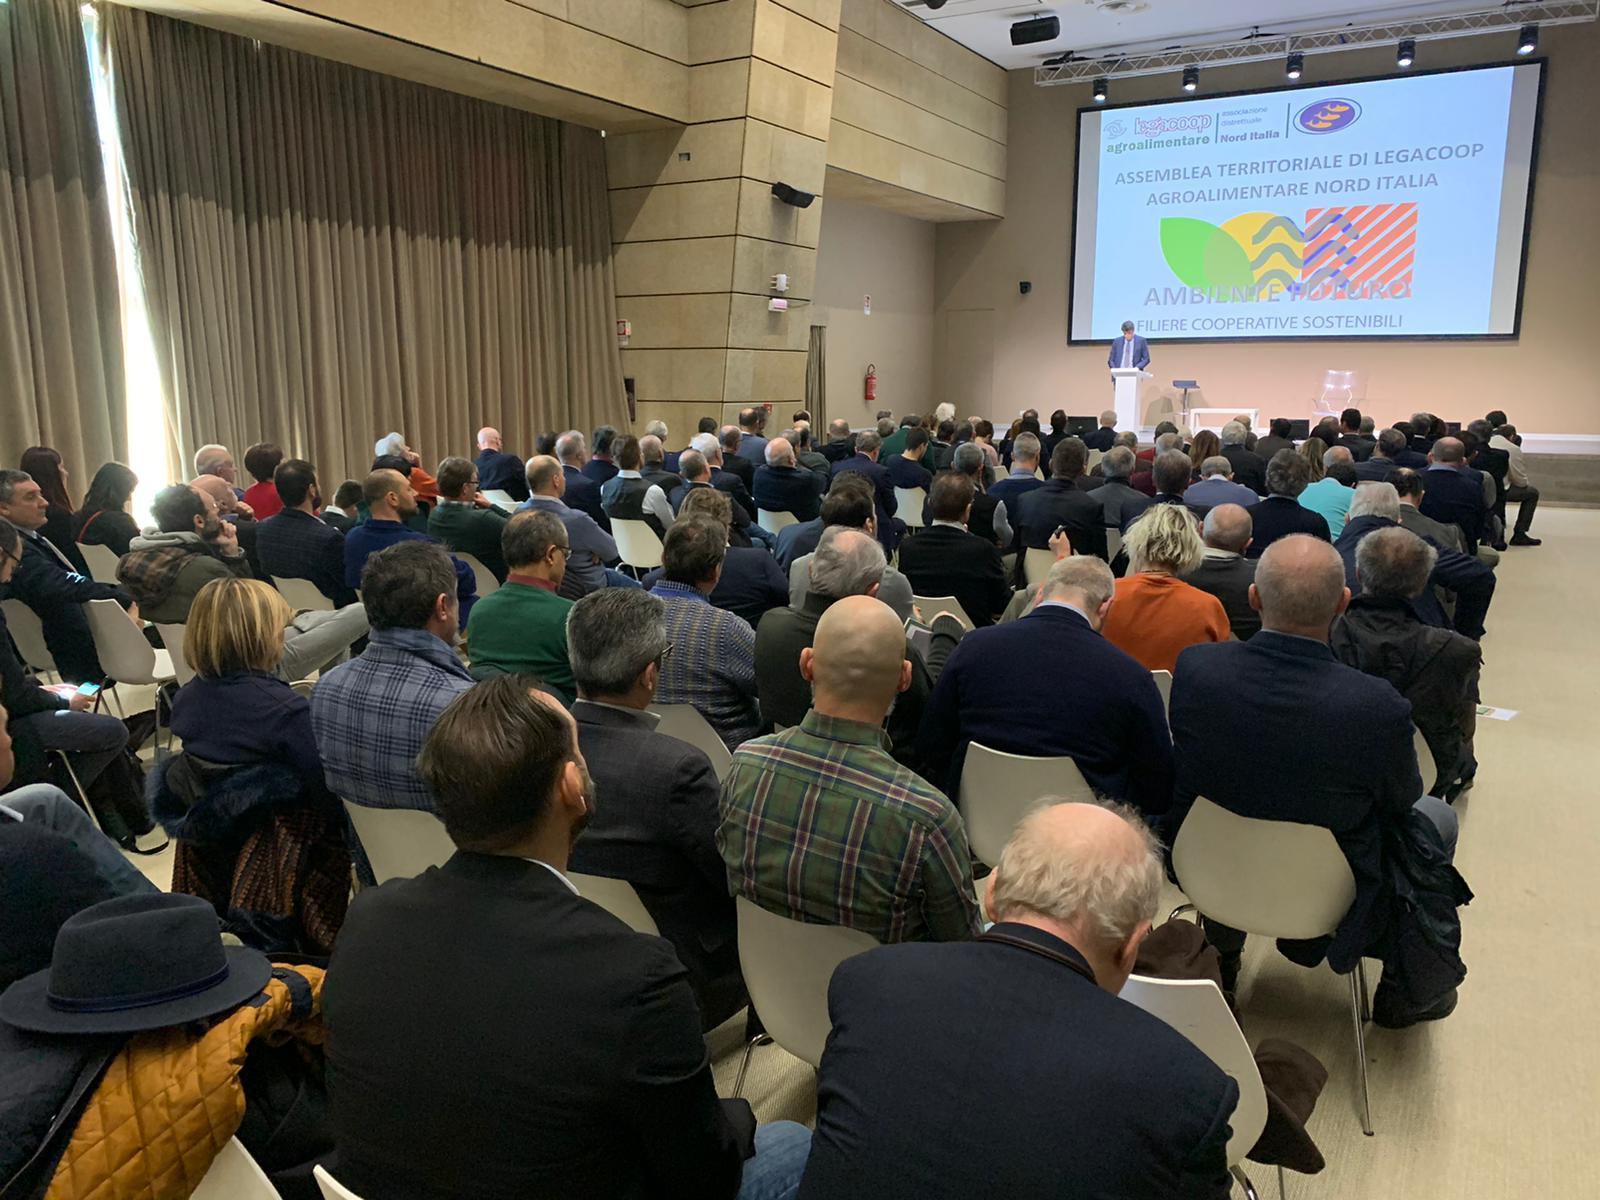 Innovazione, sostenibilità e sviluppo territoriale all'Assemblea di Legacoop Agroalimentare Nord Italia